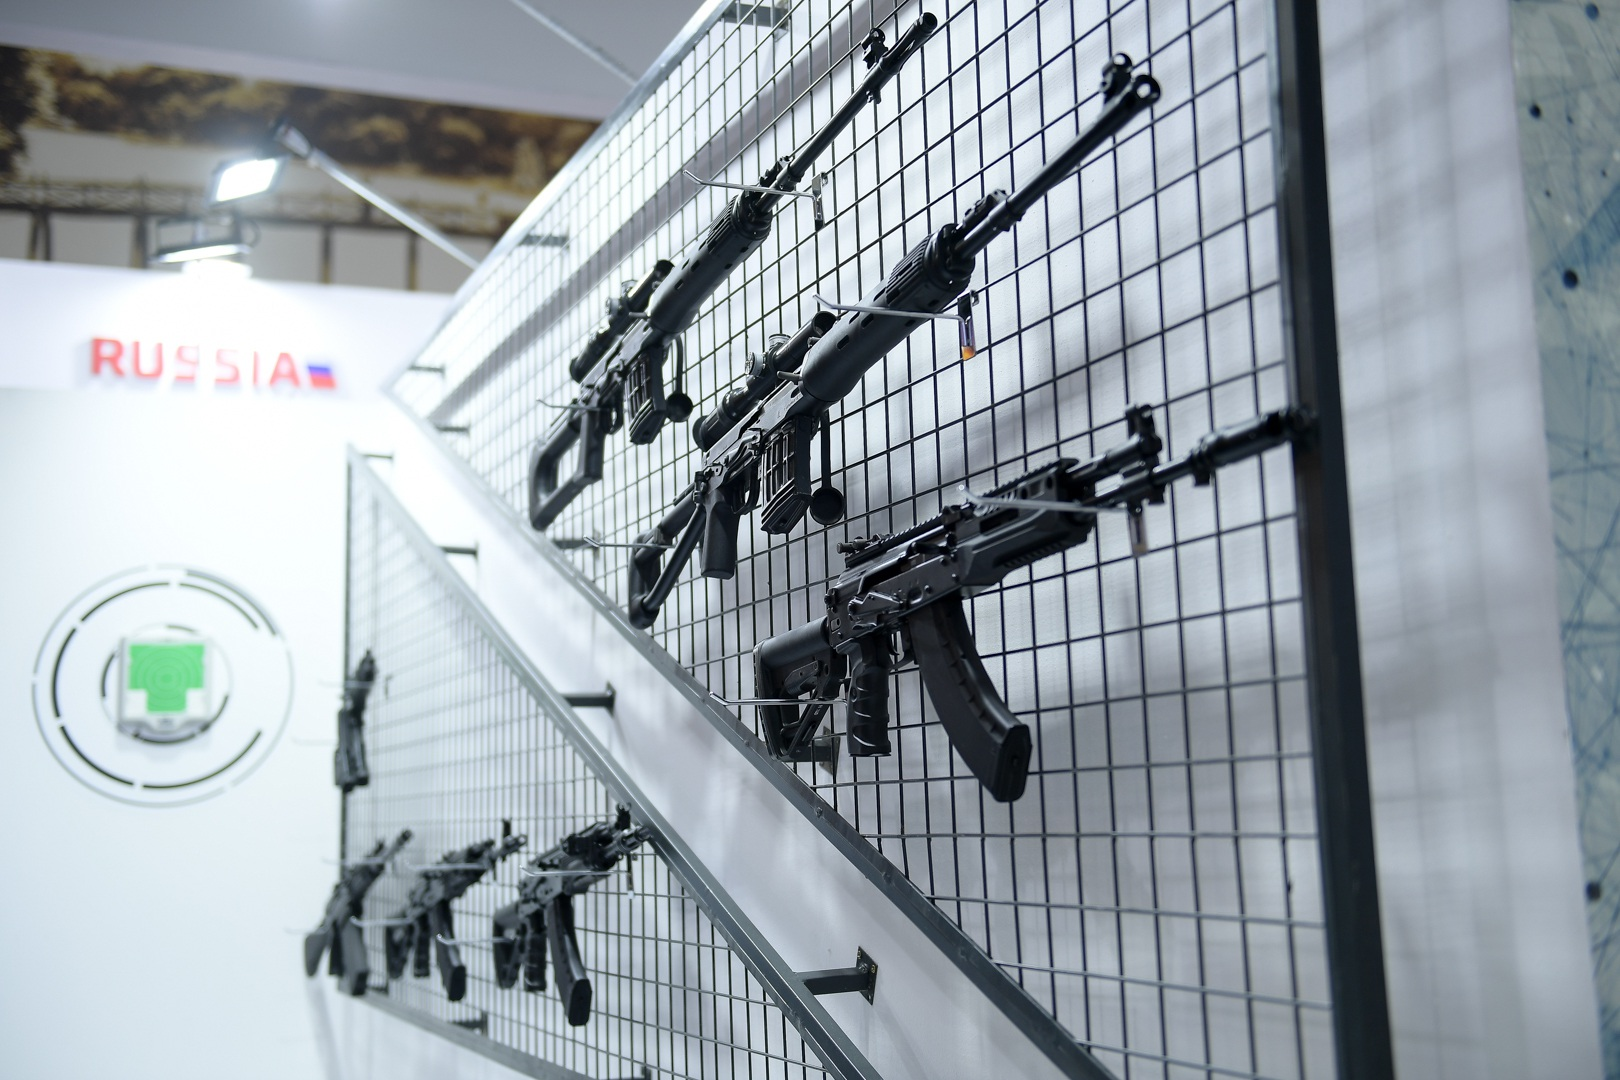 Ngắm những vũ khí tối tân tại Triển lãm Quốc phòng và An ninh Việt Nam 2019 - 9